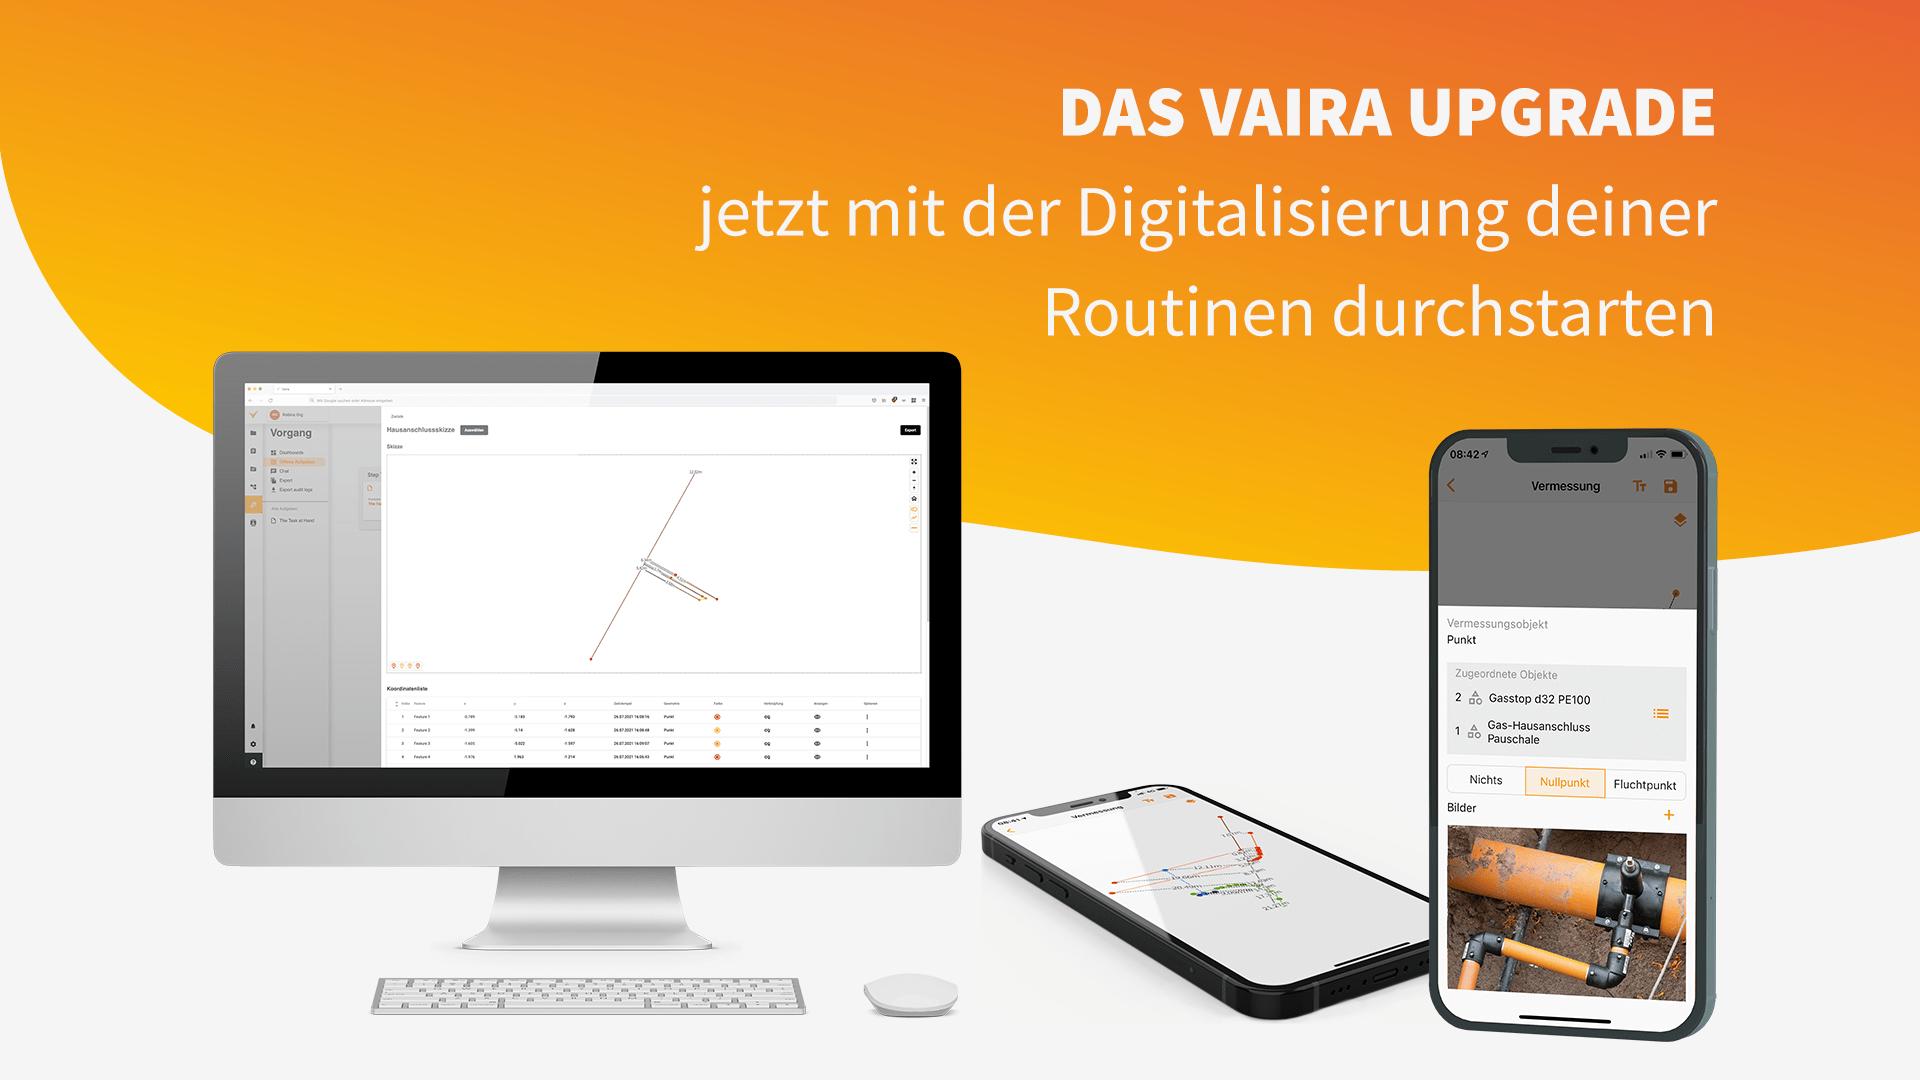 """Titelbild. Zeigt einen Monitor und zwei Smartphones mit Screenshots von Vaira. Overlay-Text: """"Das Vaira Upgrade – Jetzt mit der Digitalisierung deiner Routinen durchstarten!"""""""